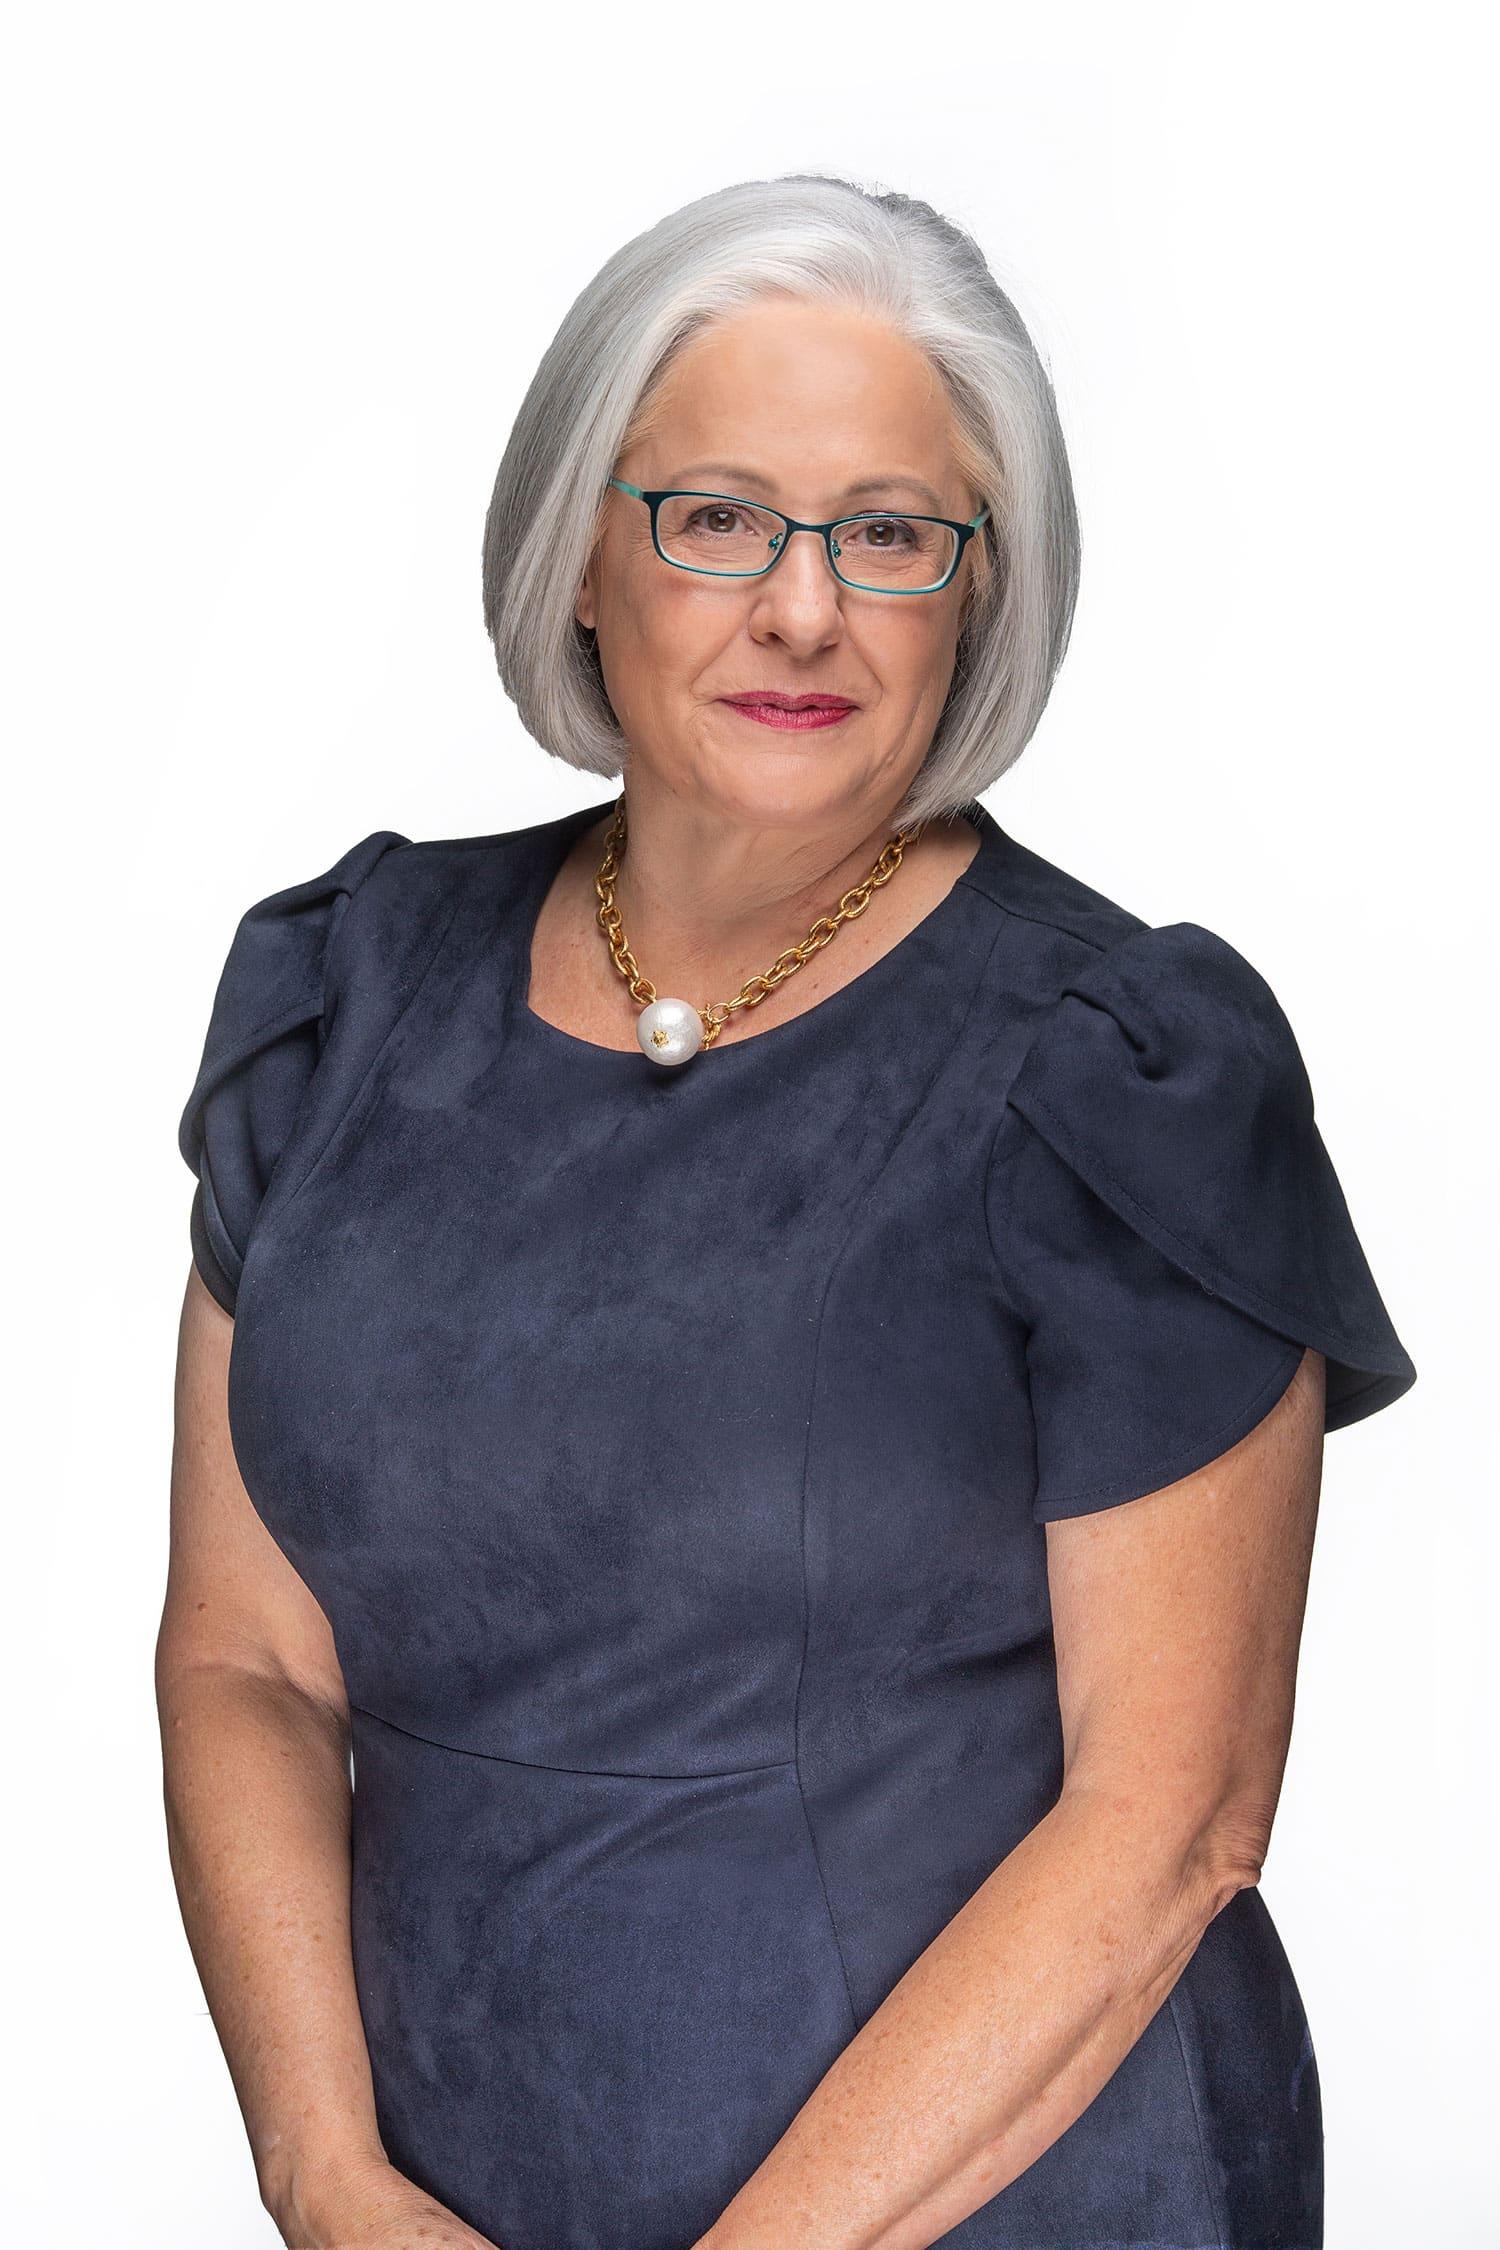 Marnie Griffin